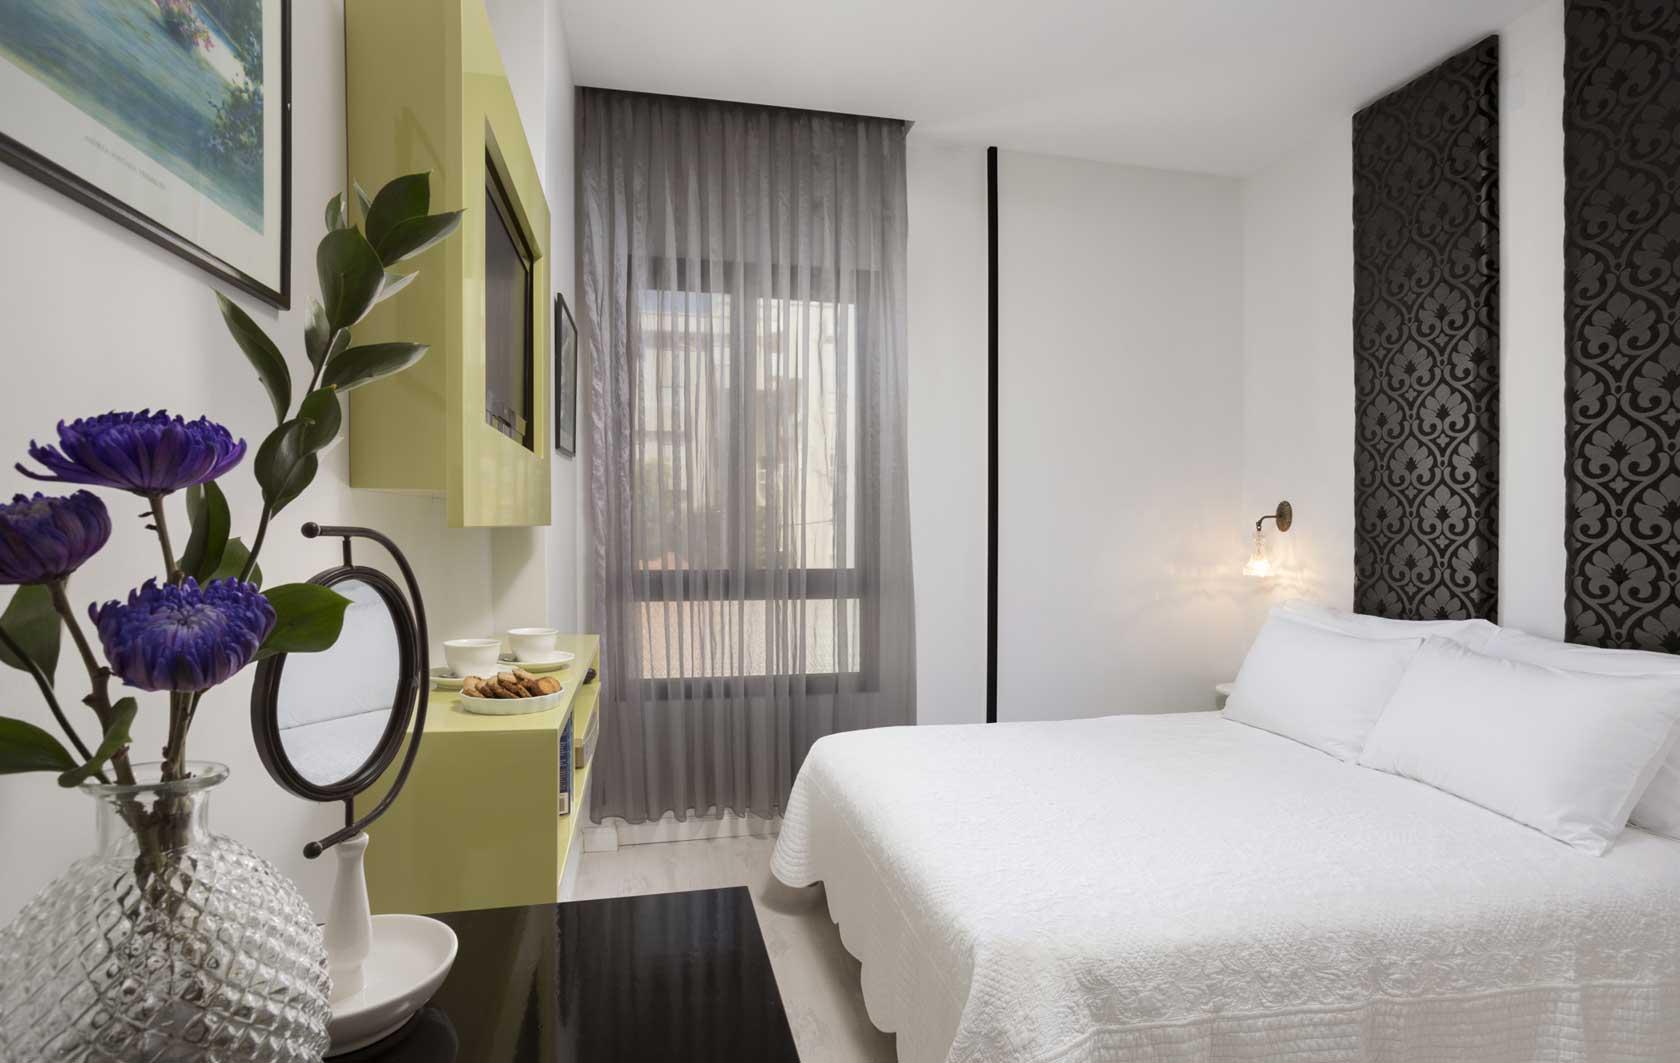 מלון שטרקמן ארנה נהריה חדר סולו